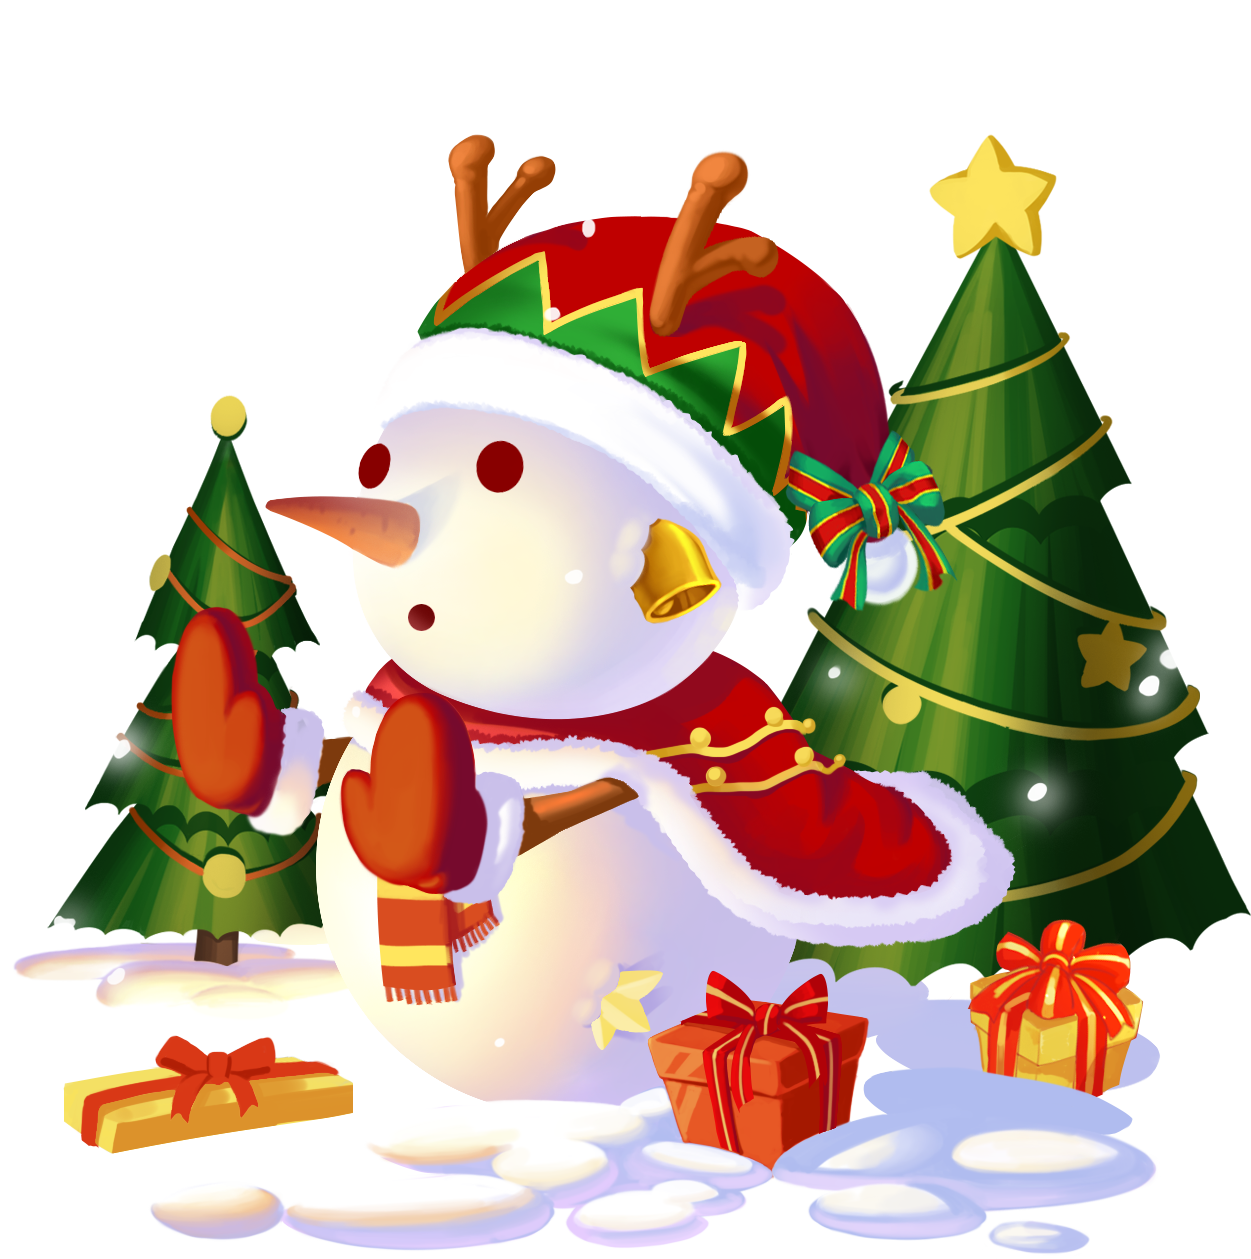 Kx清思陪玩收到礼物圣诞雪人